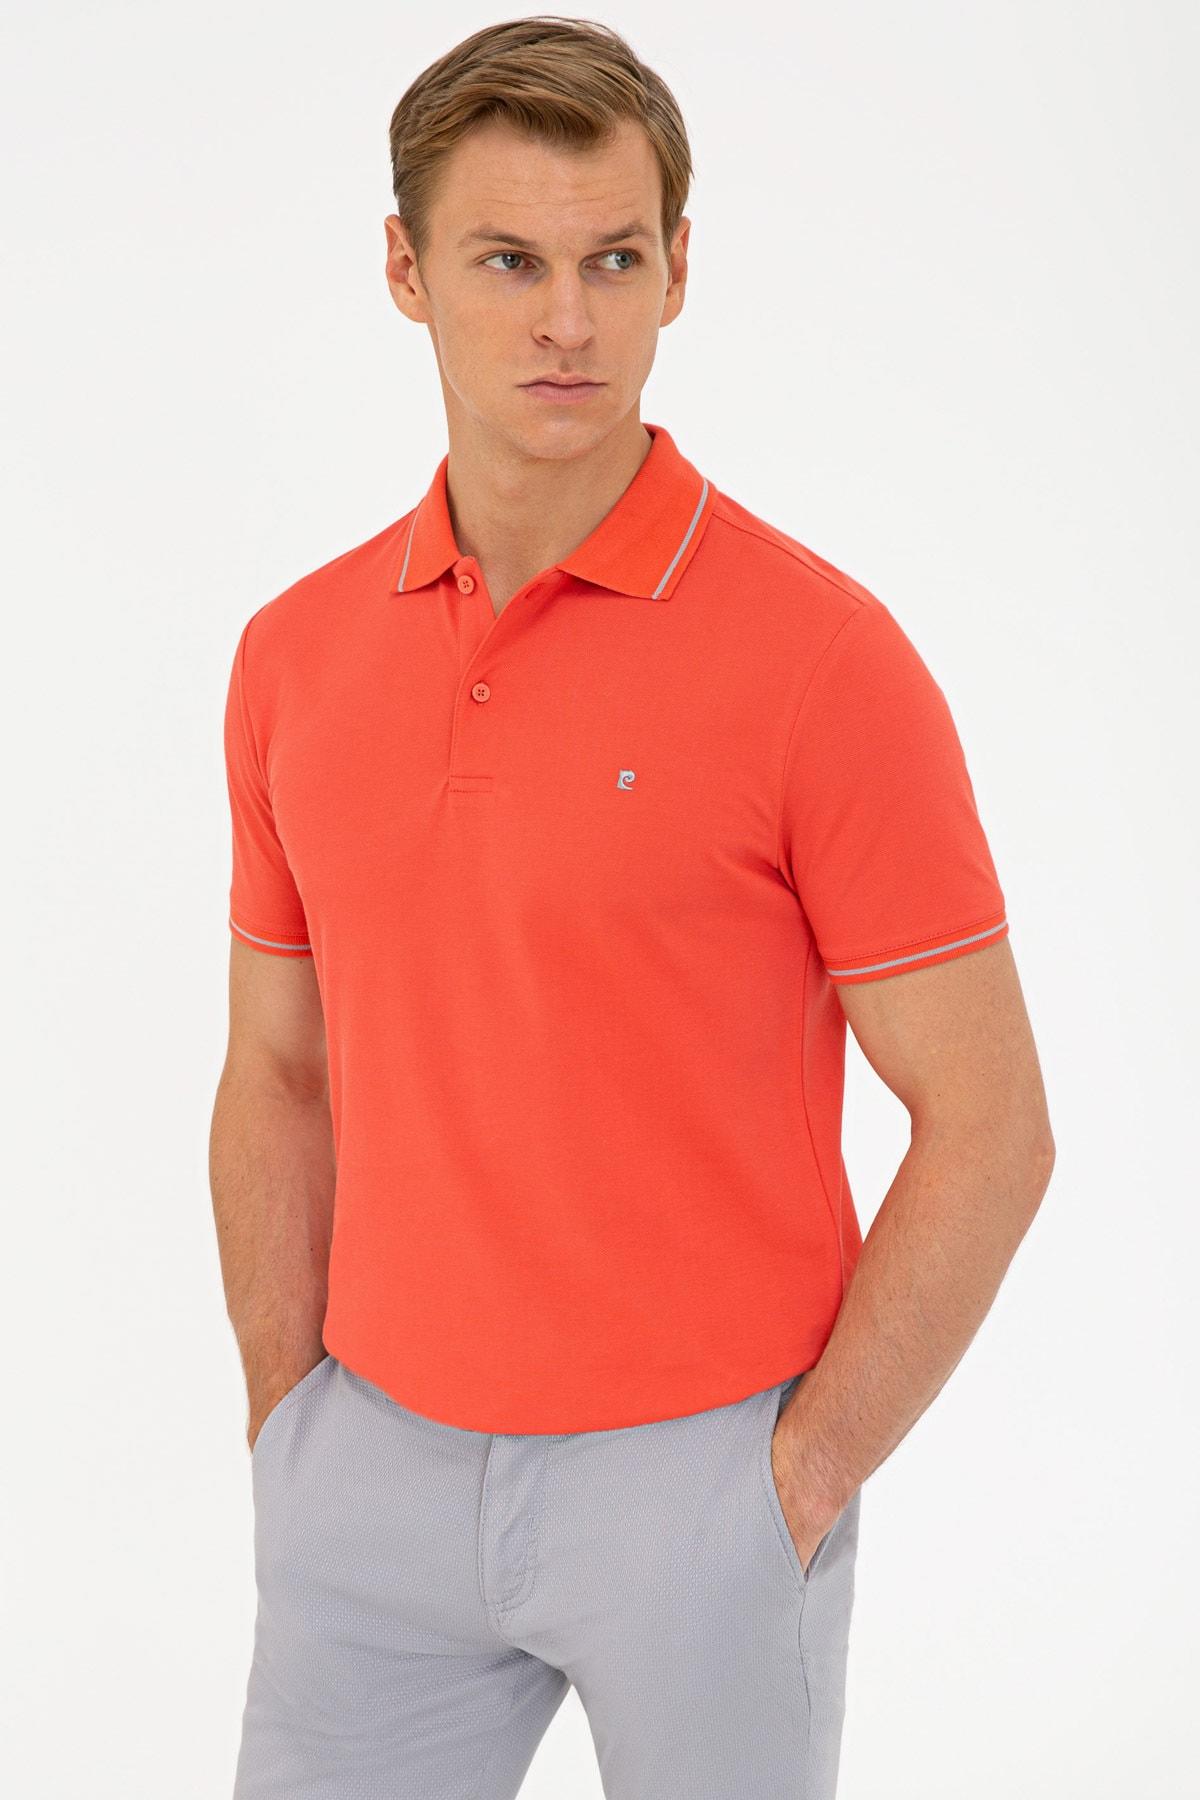 مدل پولوشرت مردانه مارک پیرکاردن رنگ صورتی ty106292751